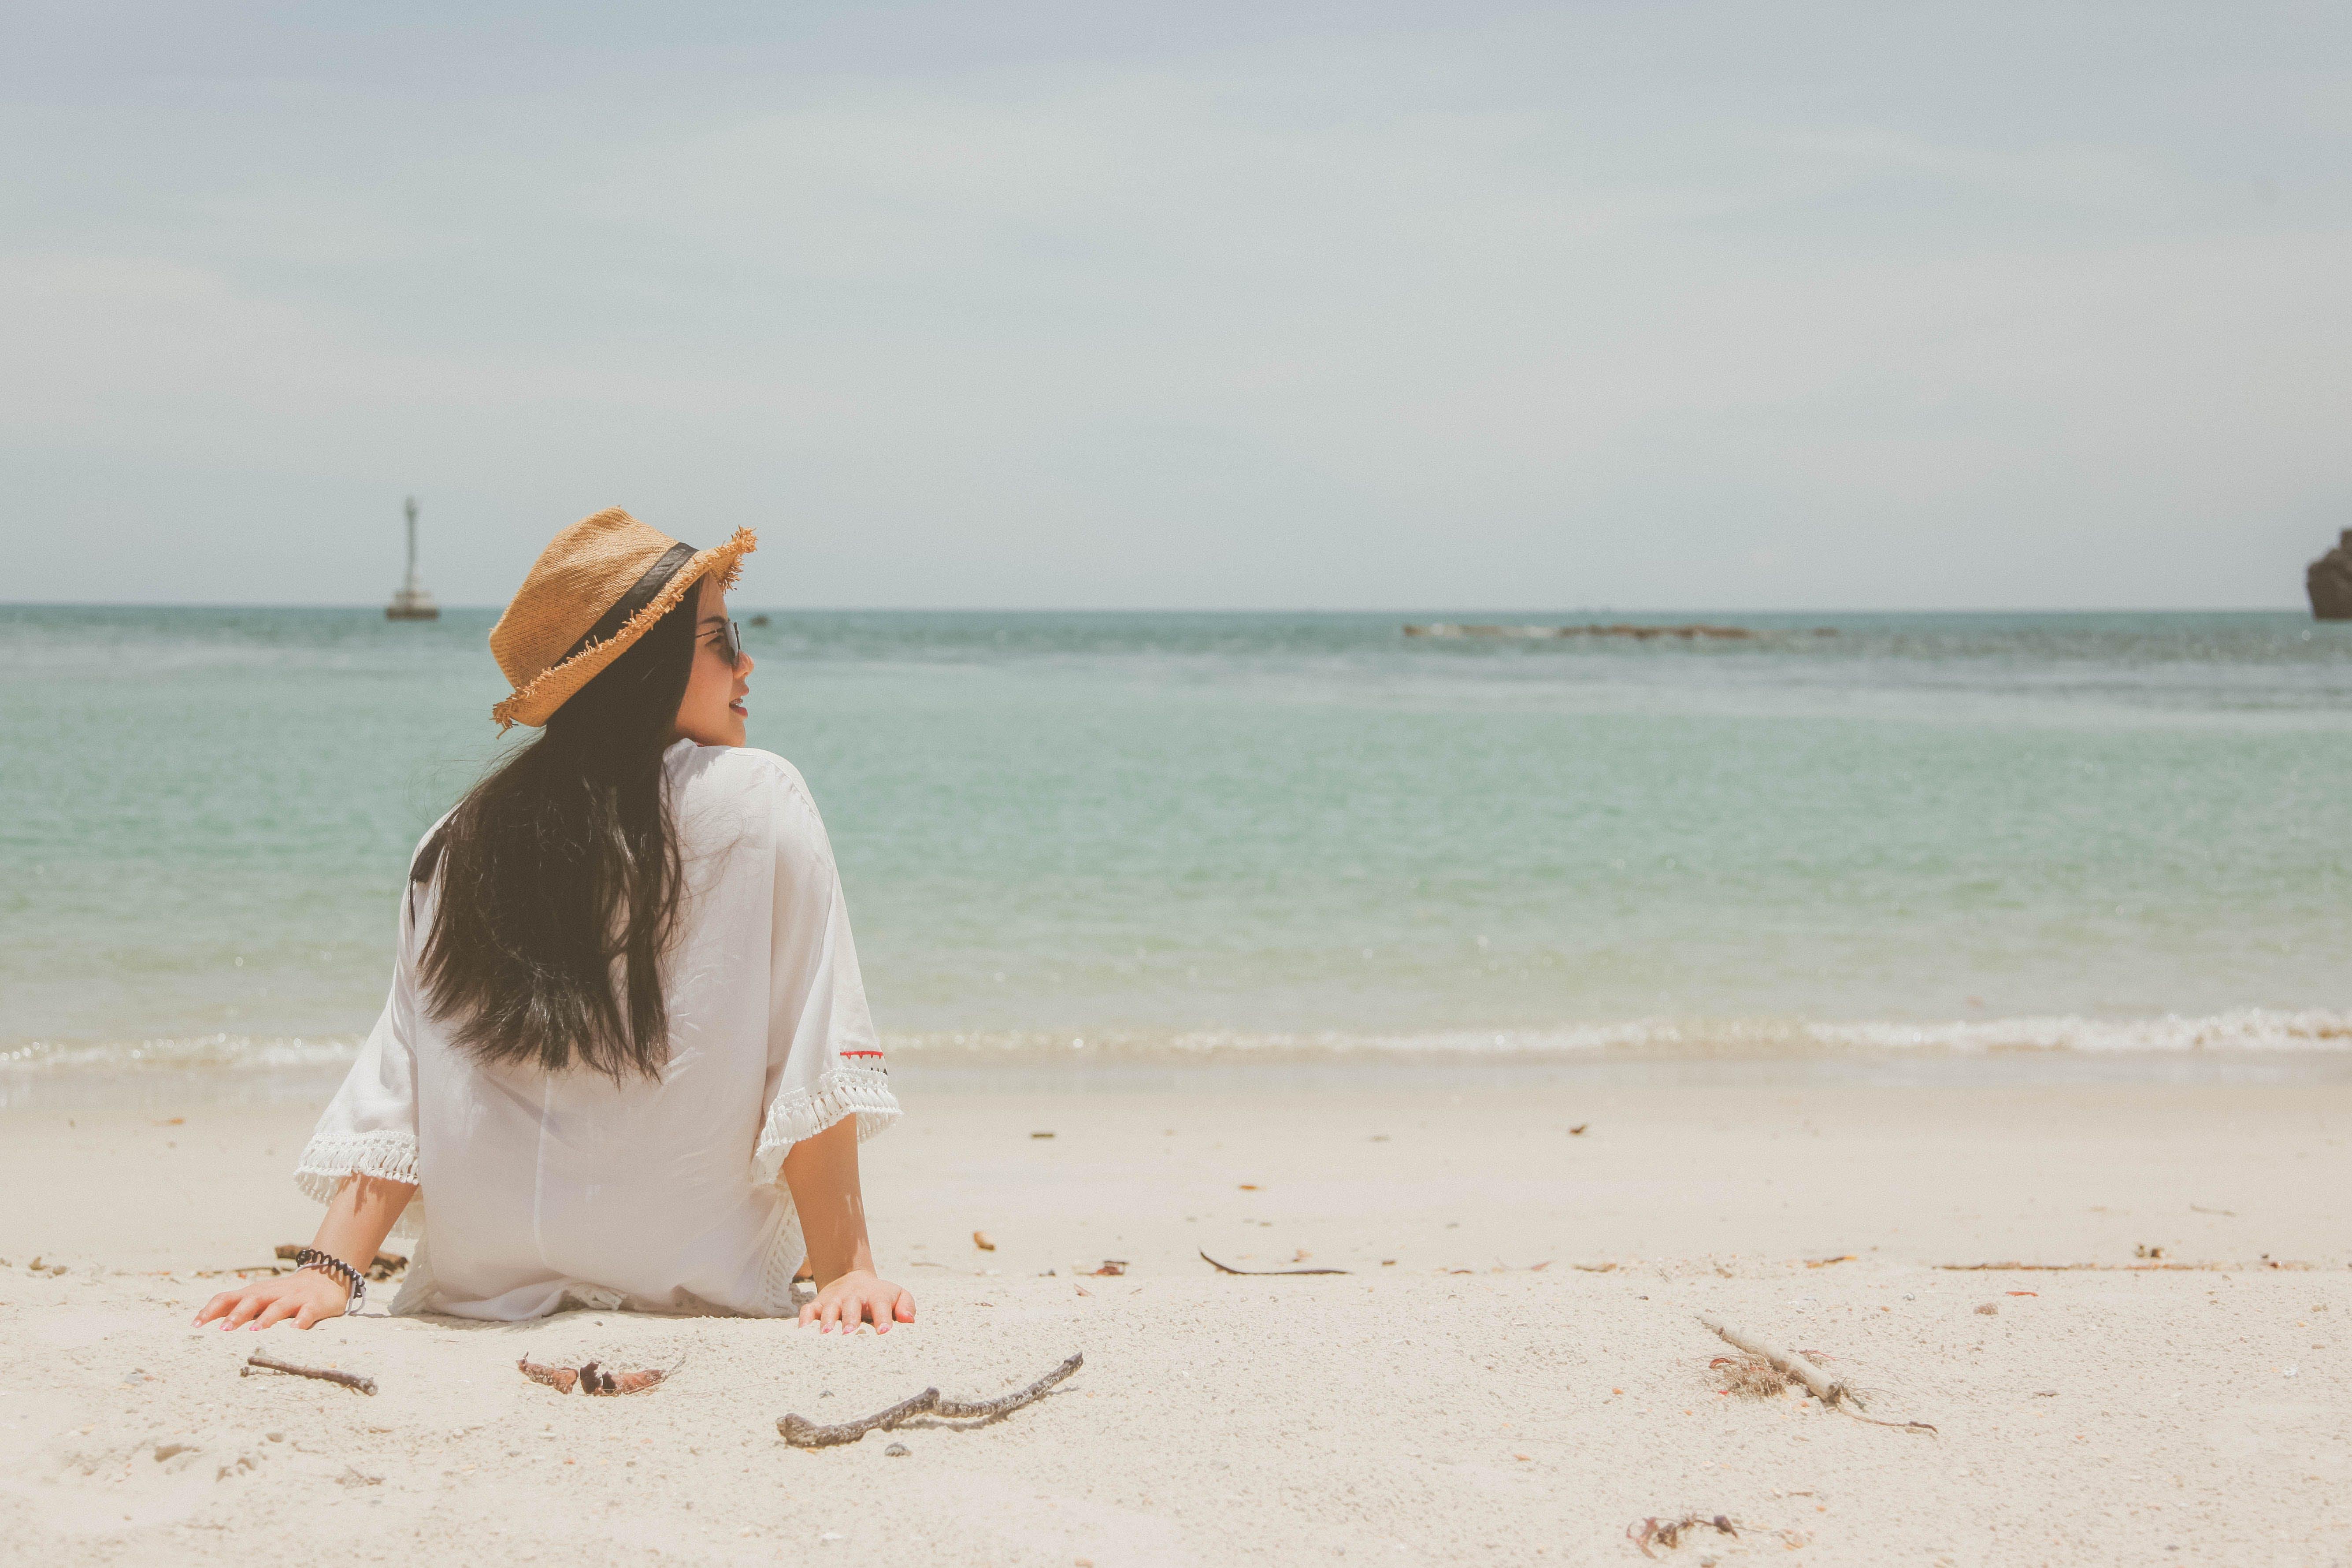 Woman Wearing White Dress on Seaside at Daytime